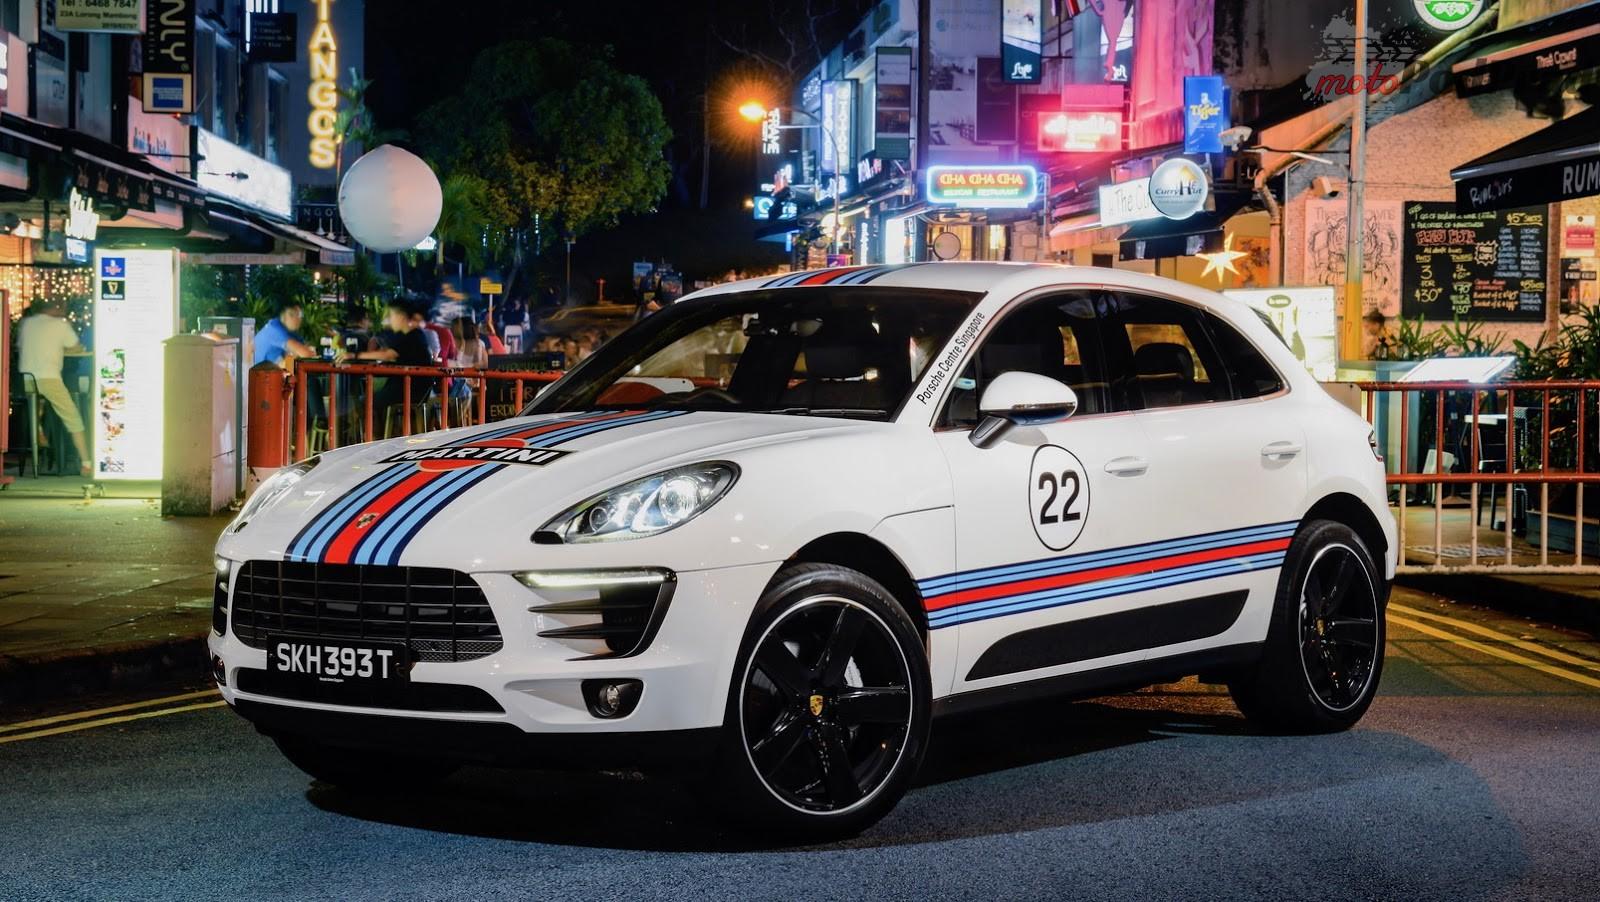 Porsche Macan 8 Porsche Macan w klasycznych malowaniach z LeMans   dlaczego nie?